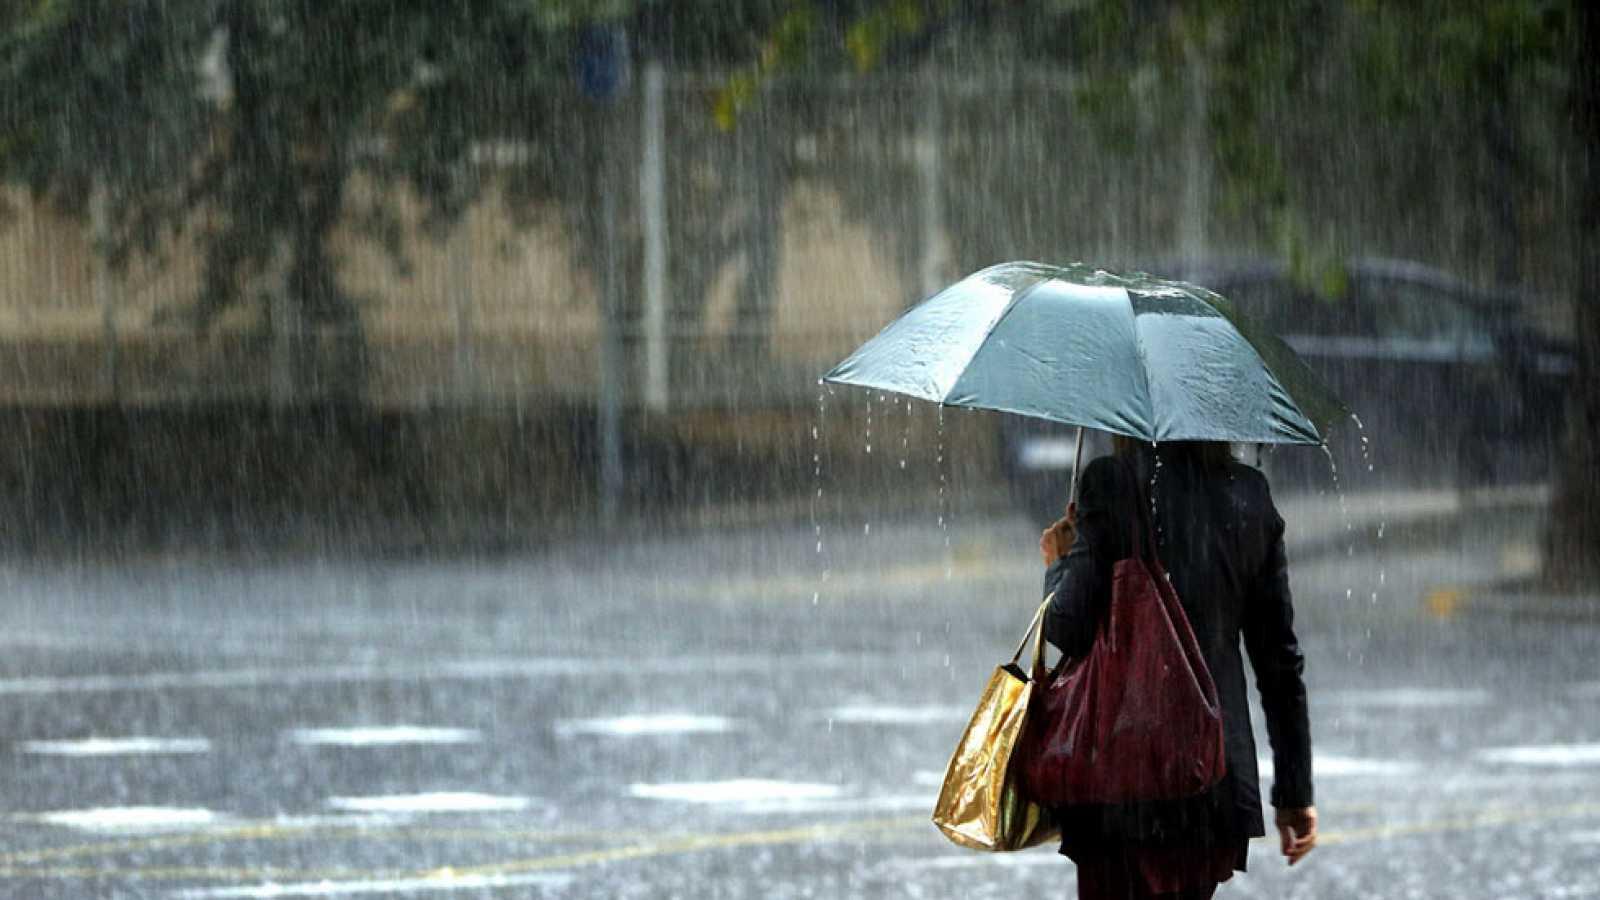 Esta noche pocas lluvias R.D, pero mañana vuelven los aguaceros